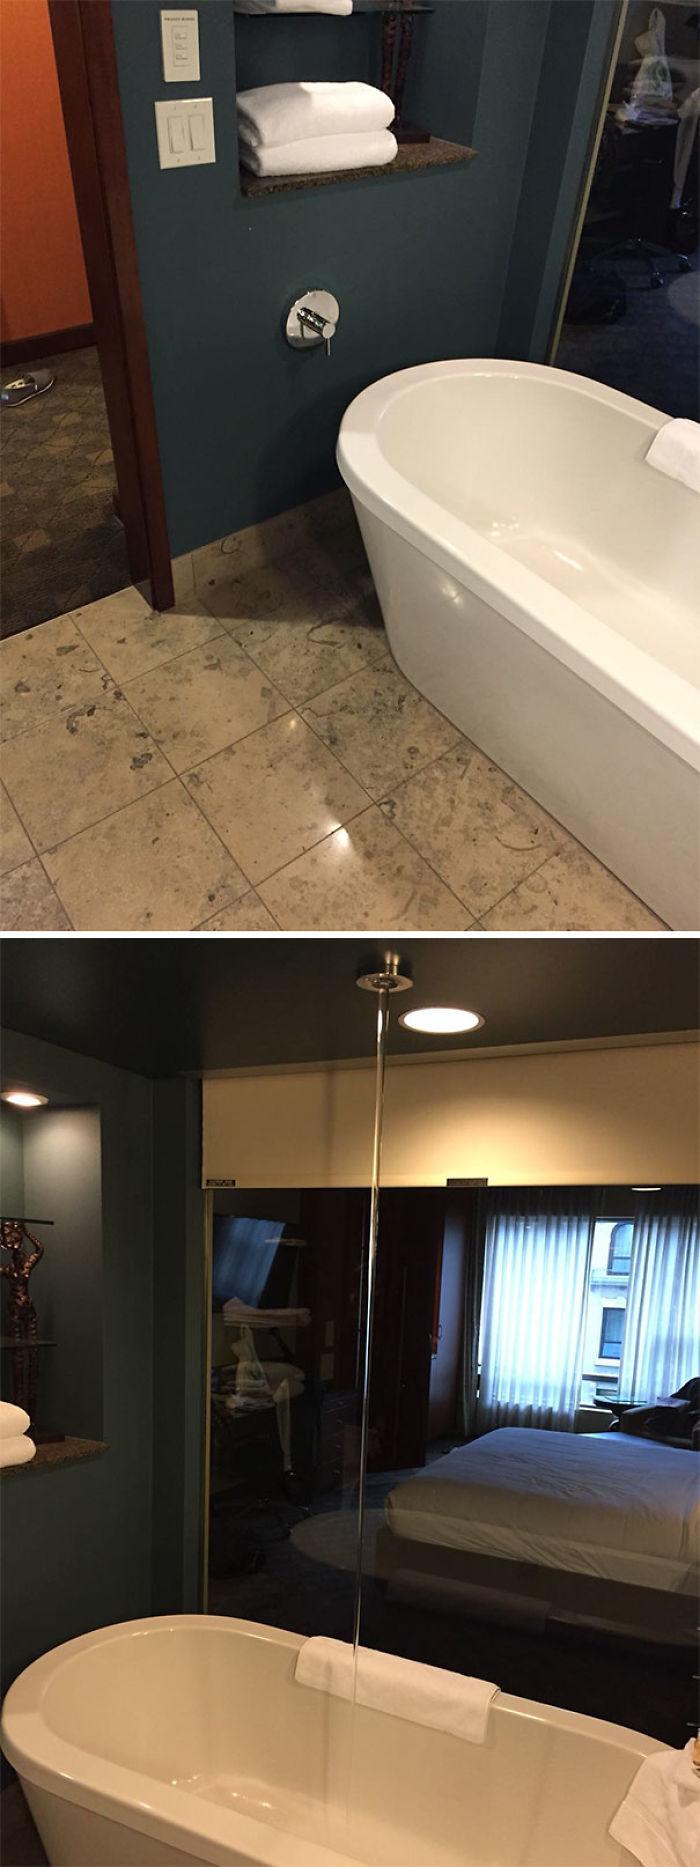 La bañera de la habitación se llena desde el techo